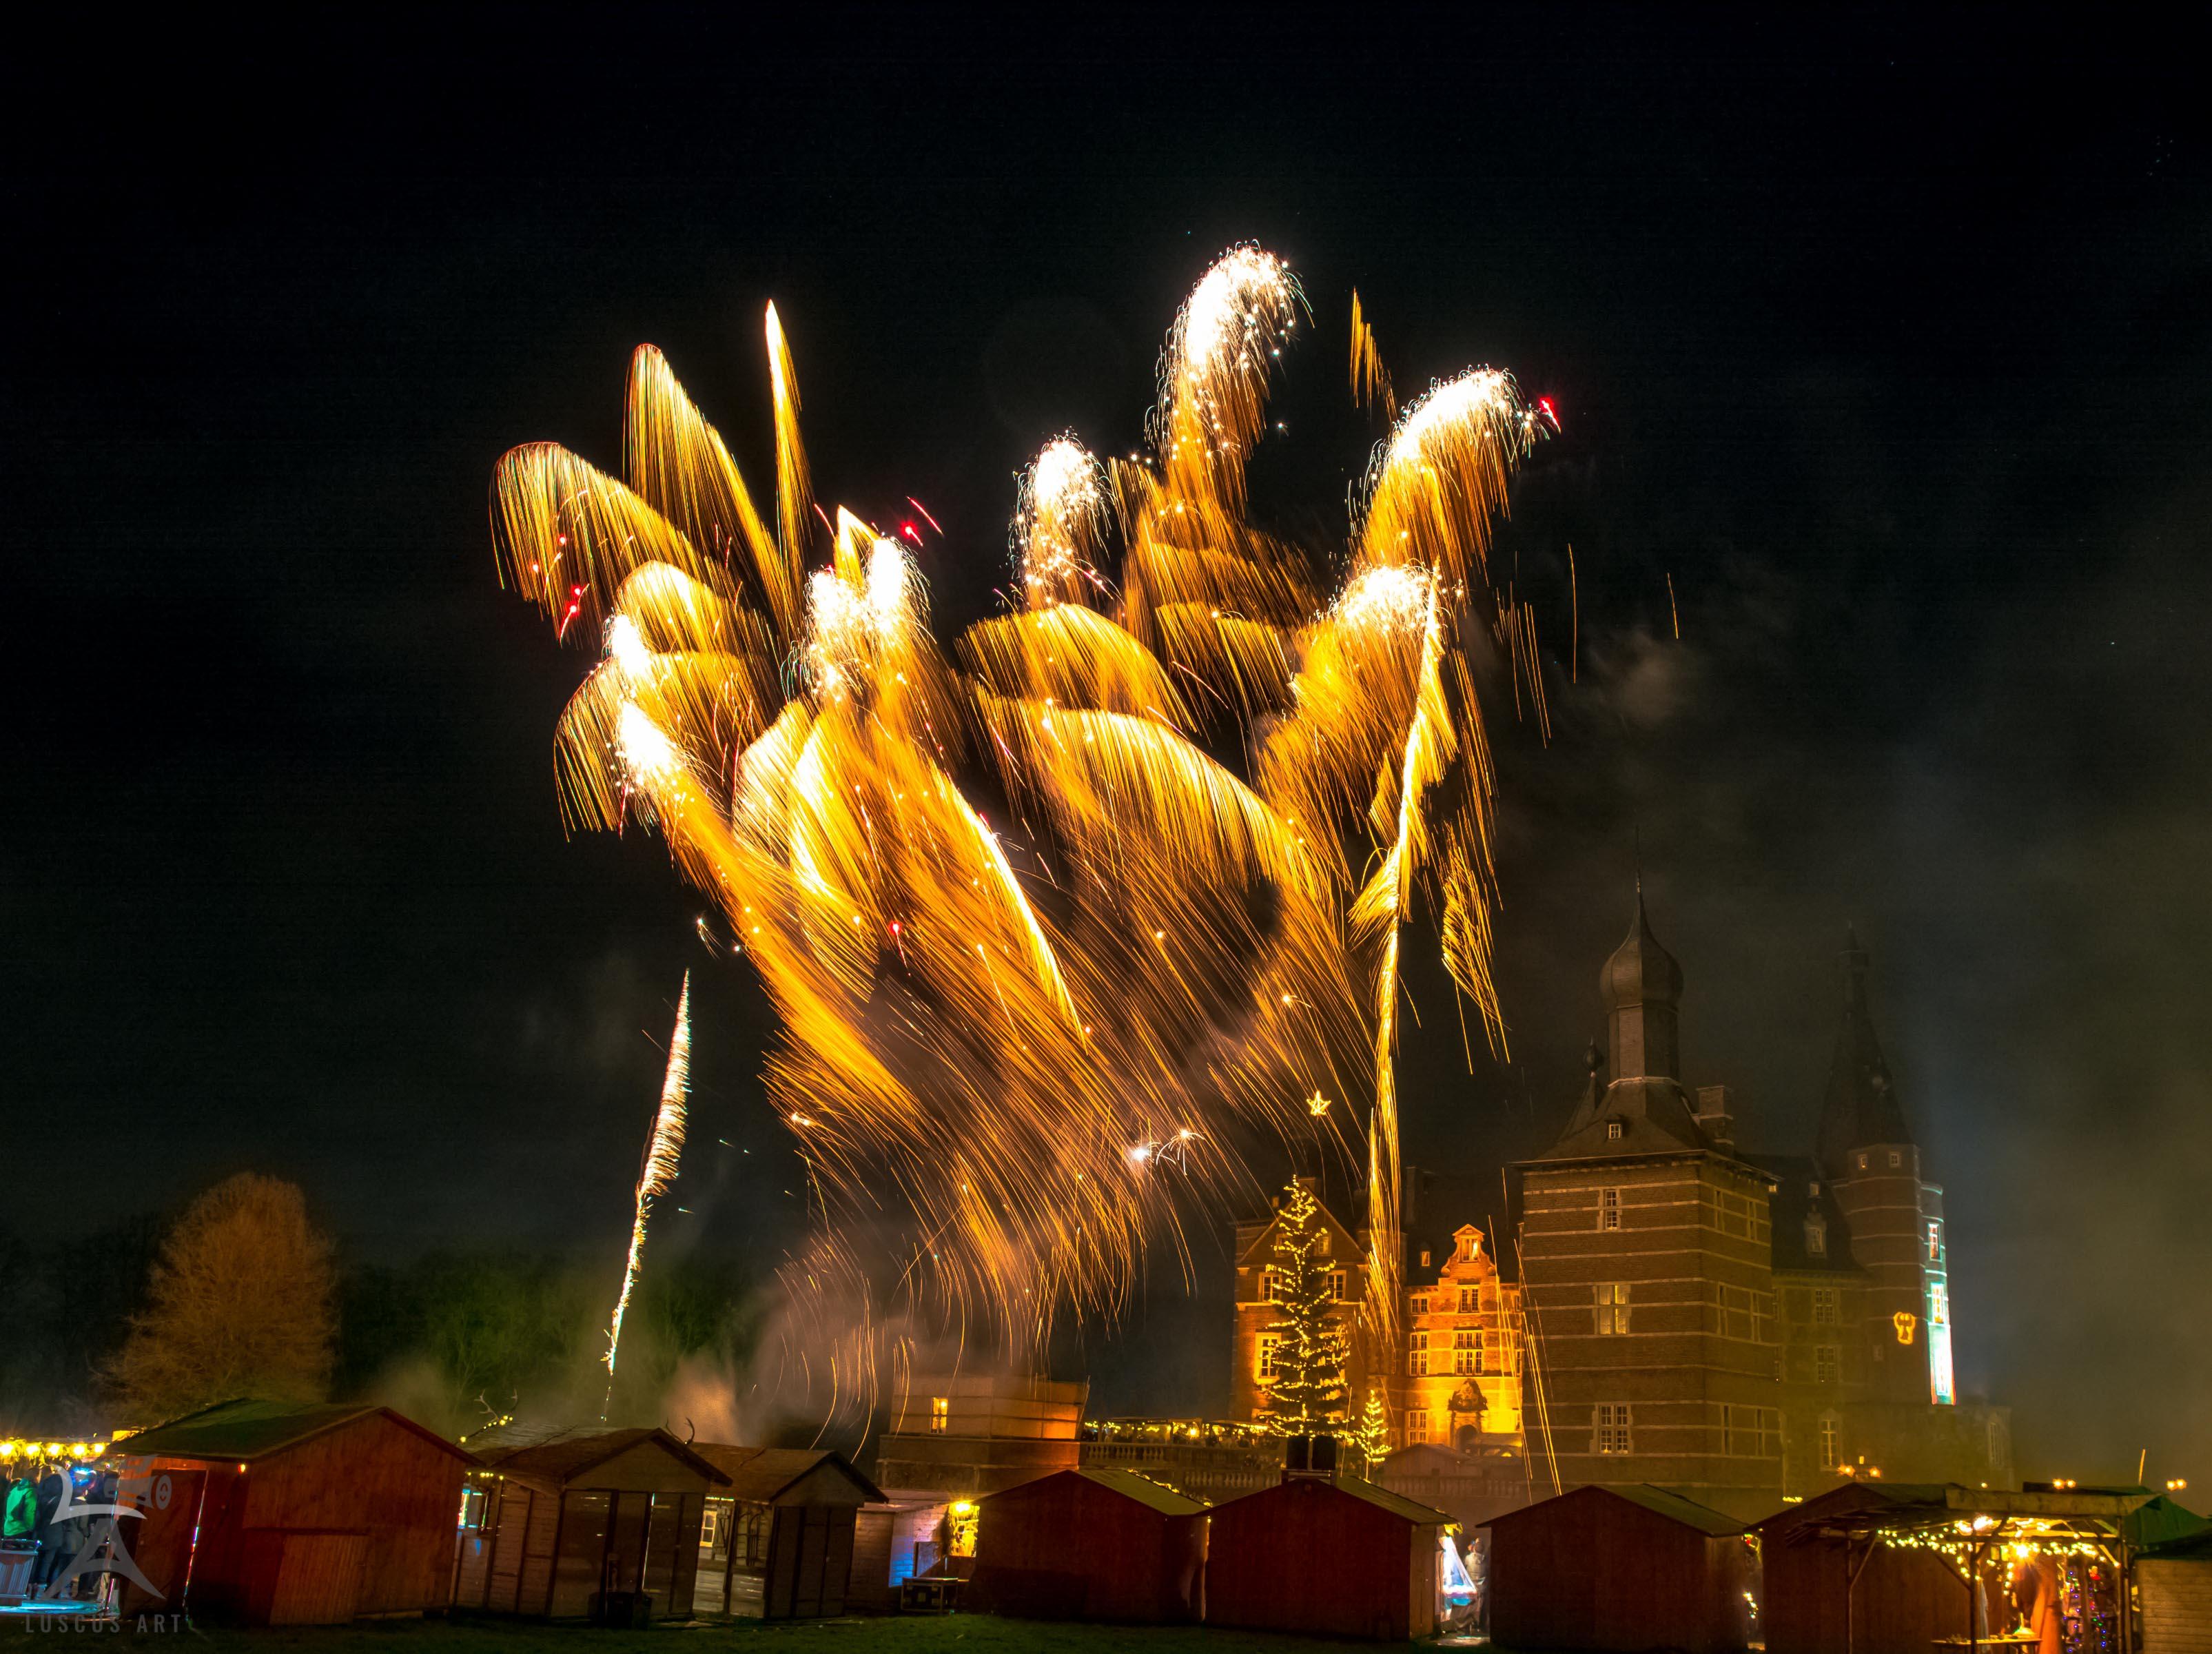 Weihnachtsmarkt auf Schloss Merode - Feuerwerk